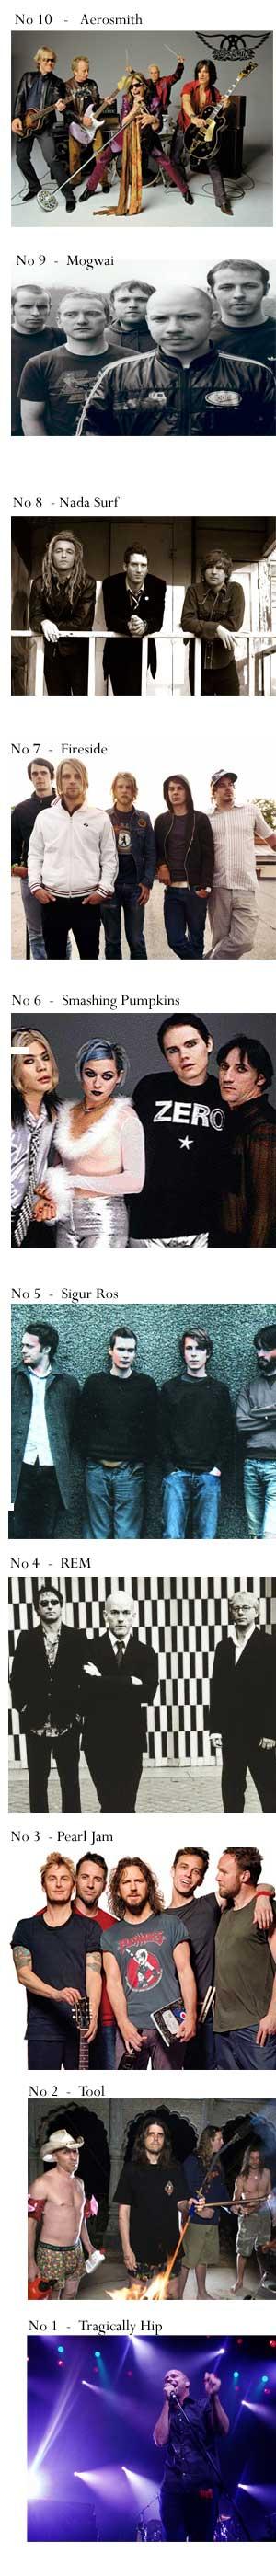 top ten rock bands